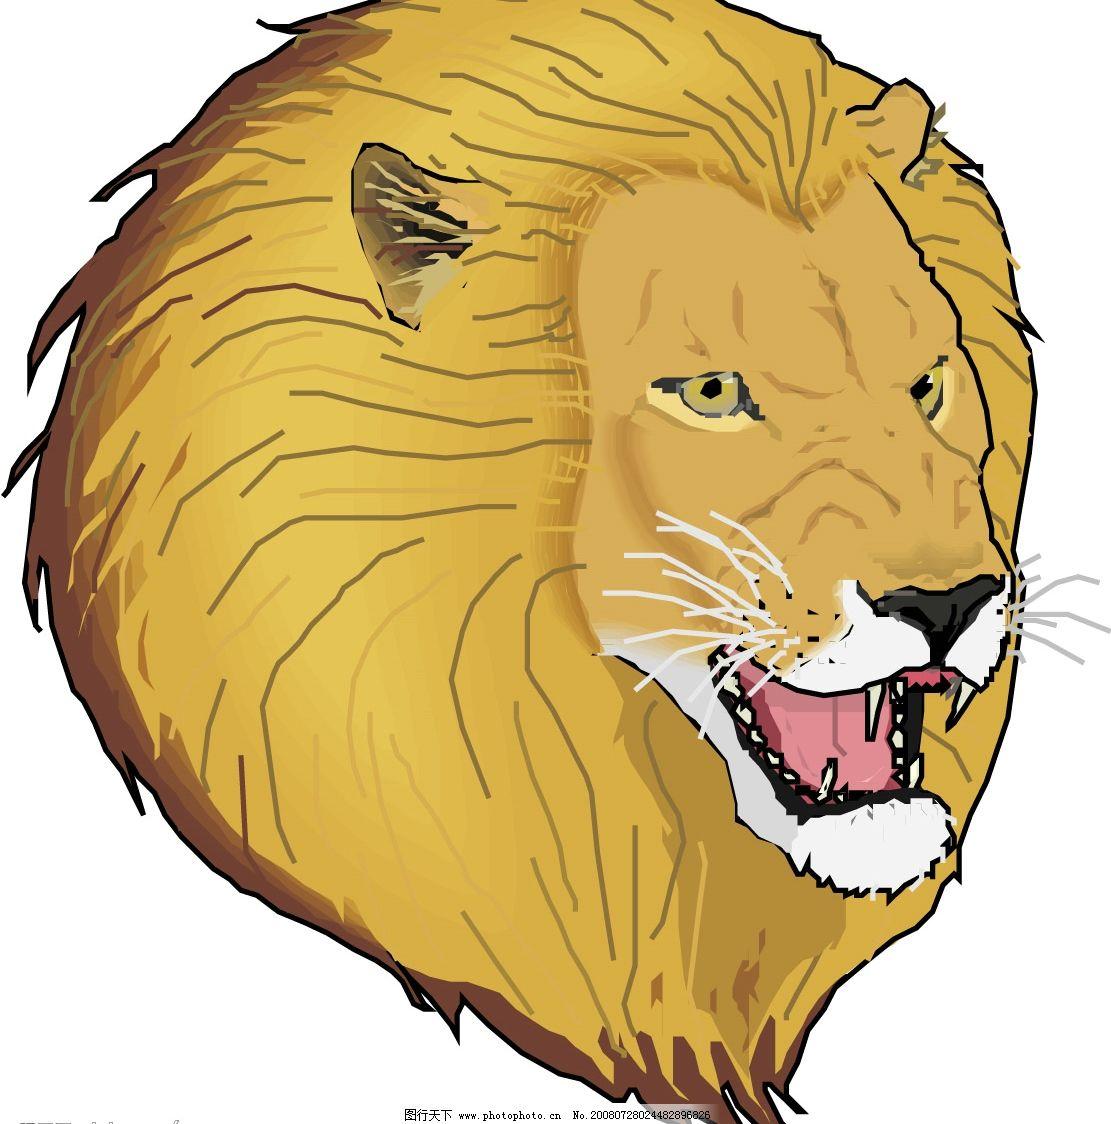 狮子头矢量图图片